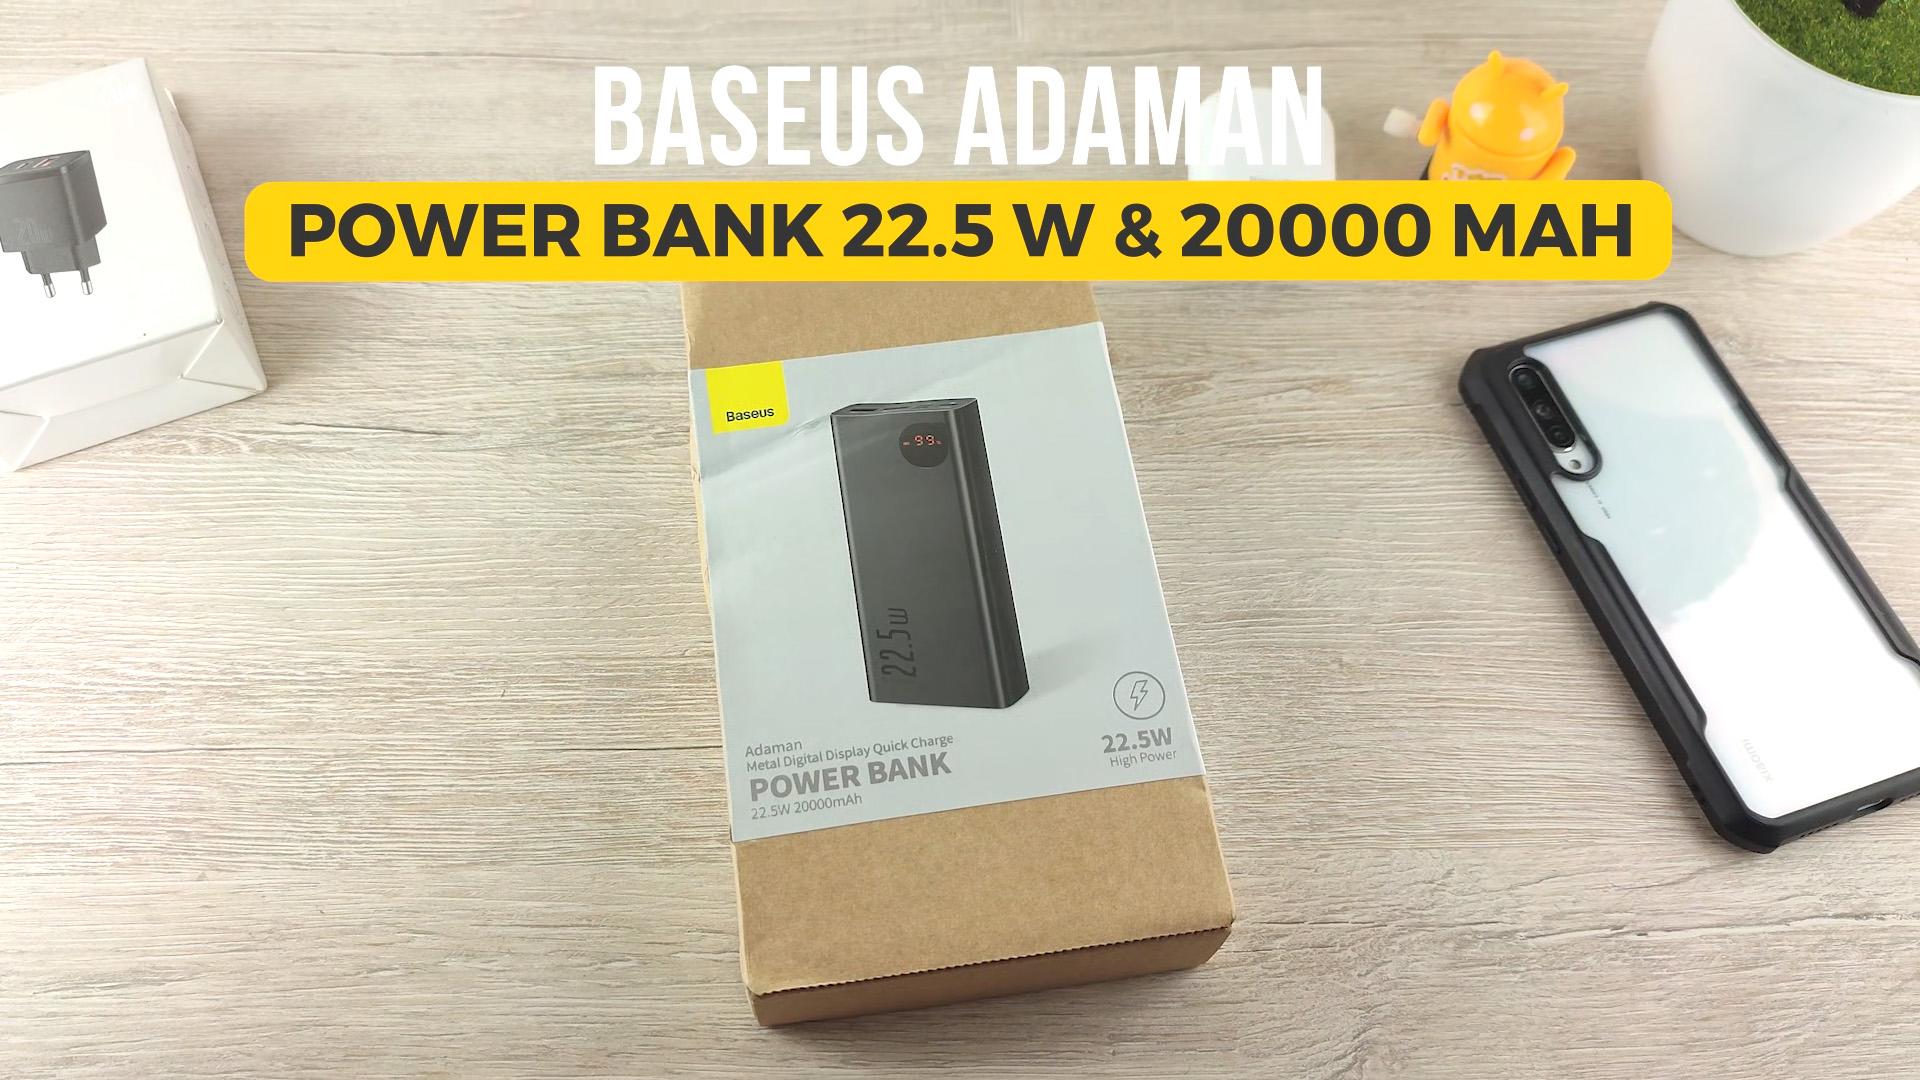 Обзор Baseus Power Bank Adaman 20000 мАч 22.5 Вт